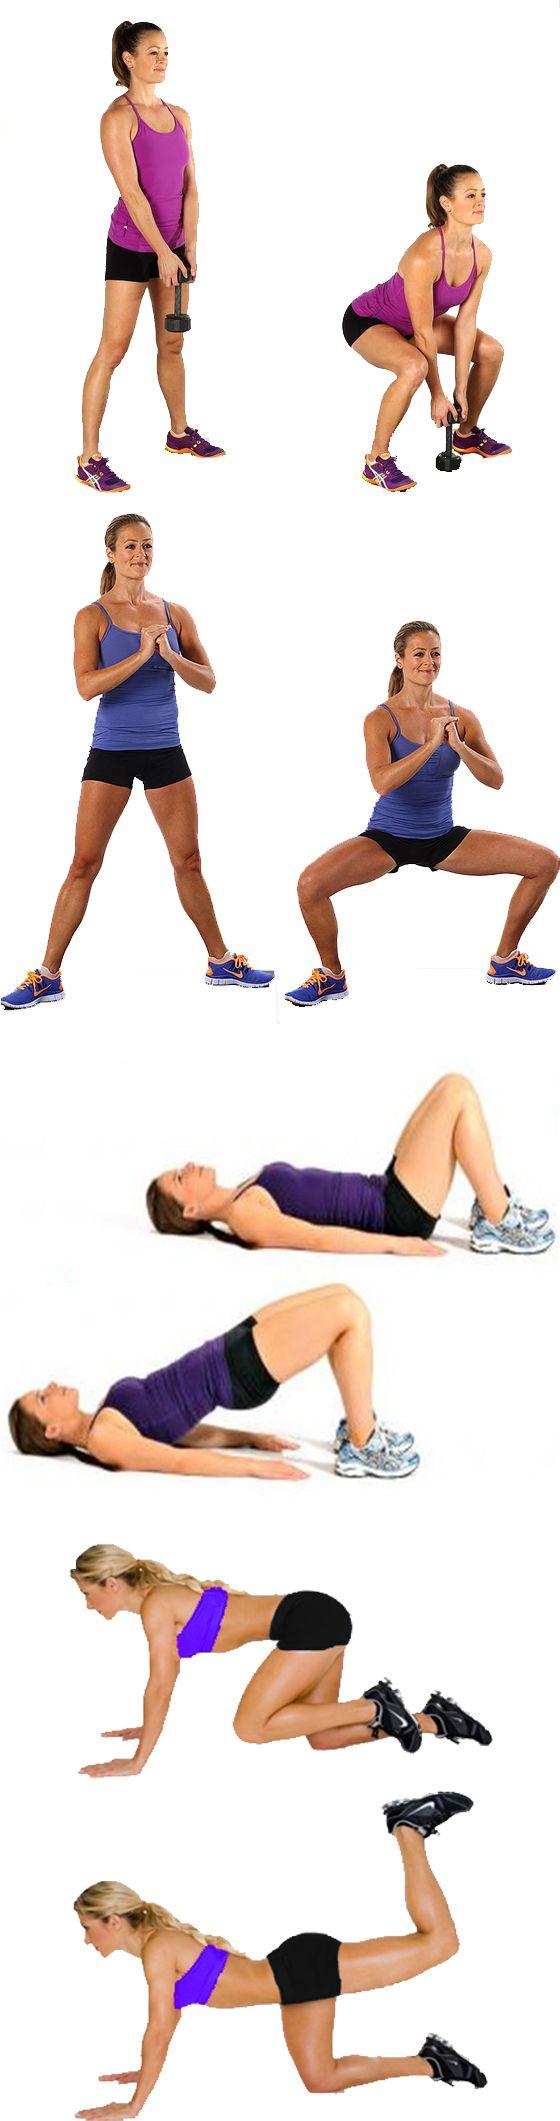 спортивная программа для домашних тренировок не ноги и ягодицы